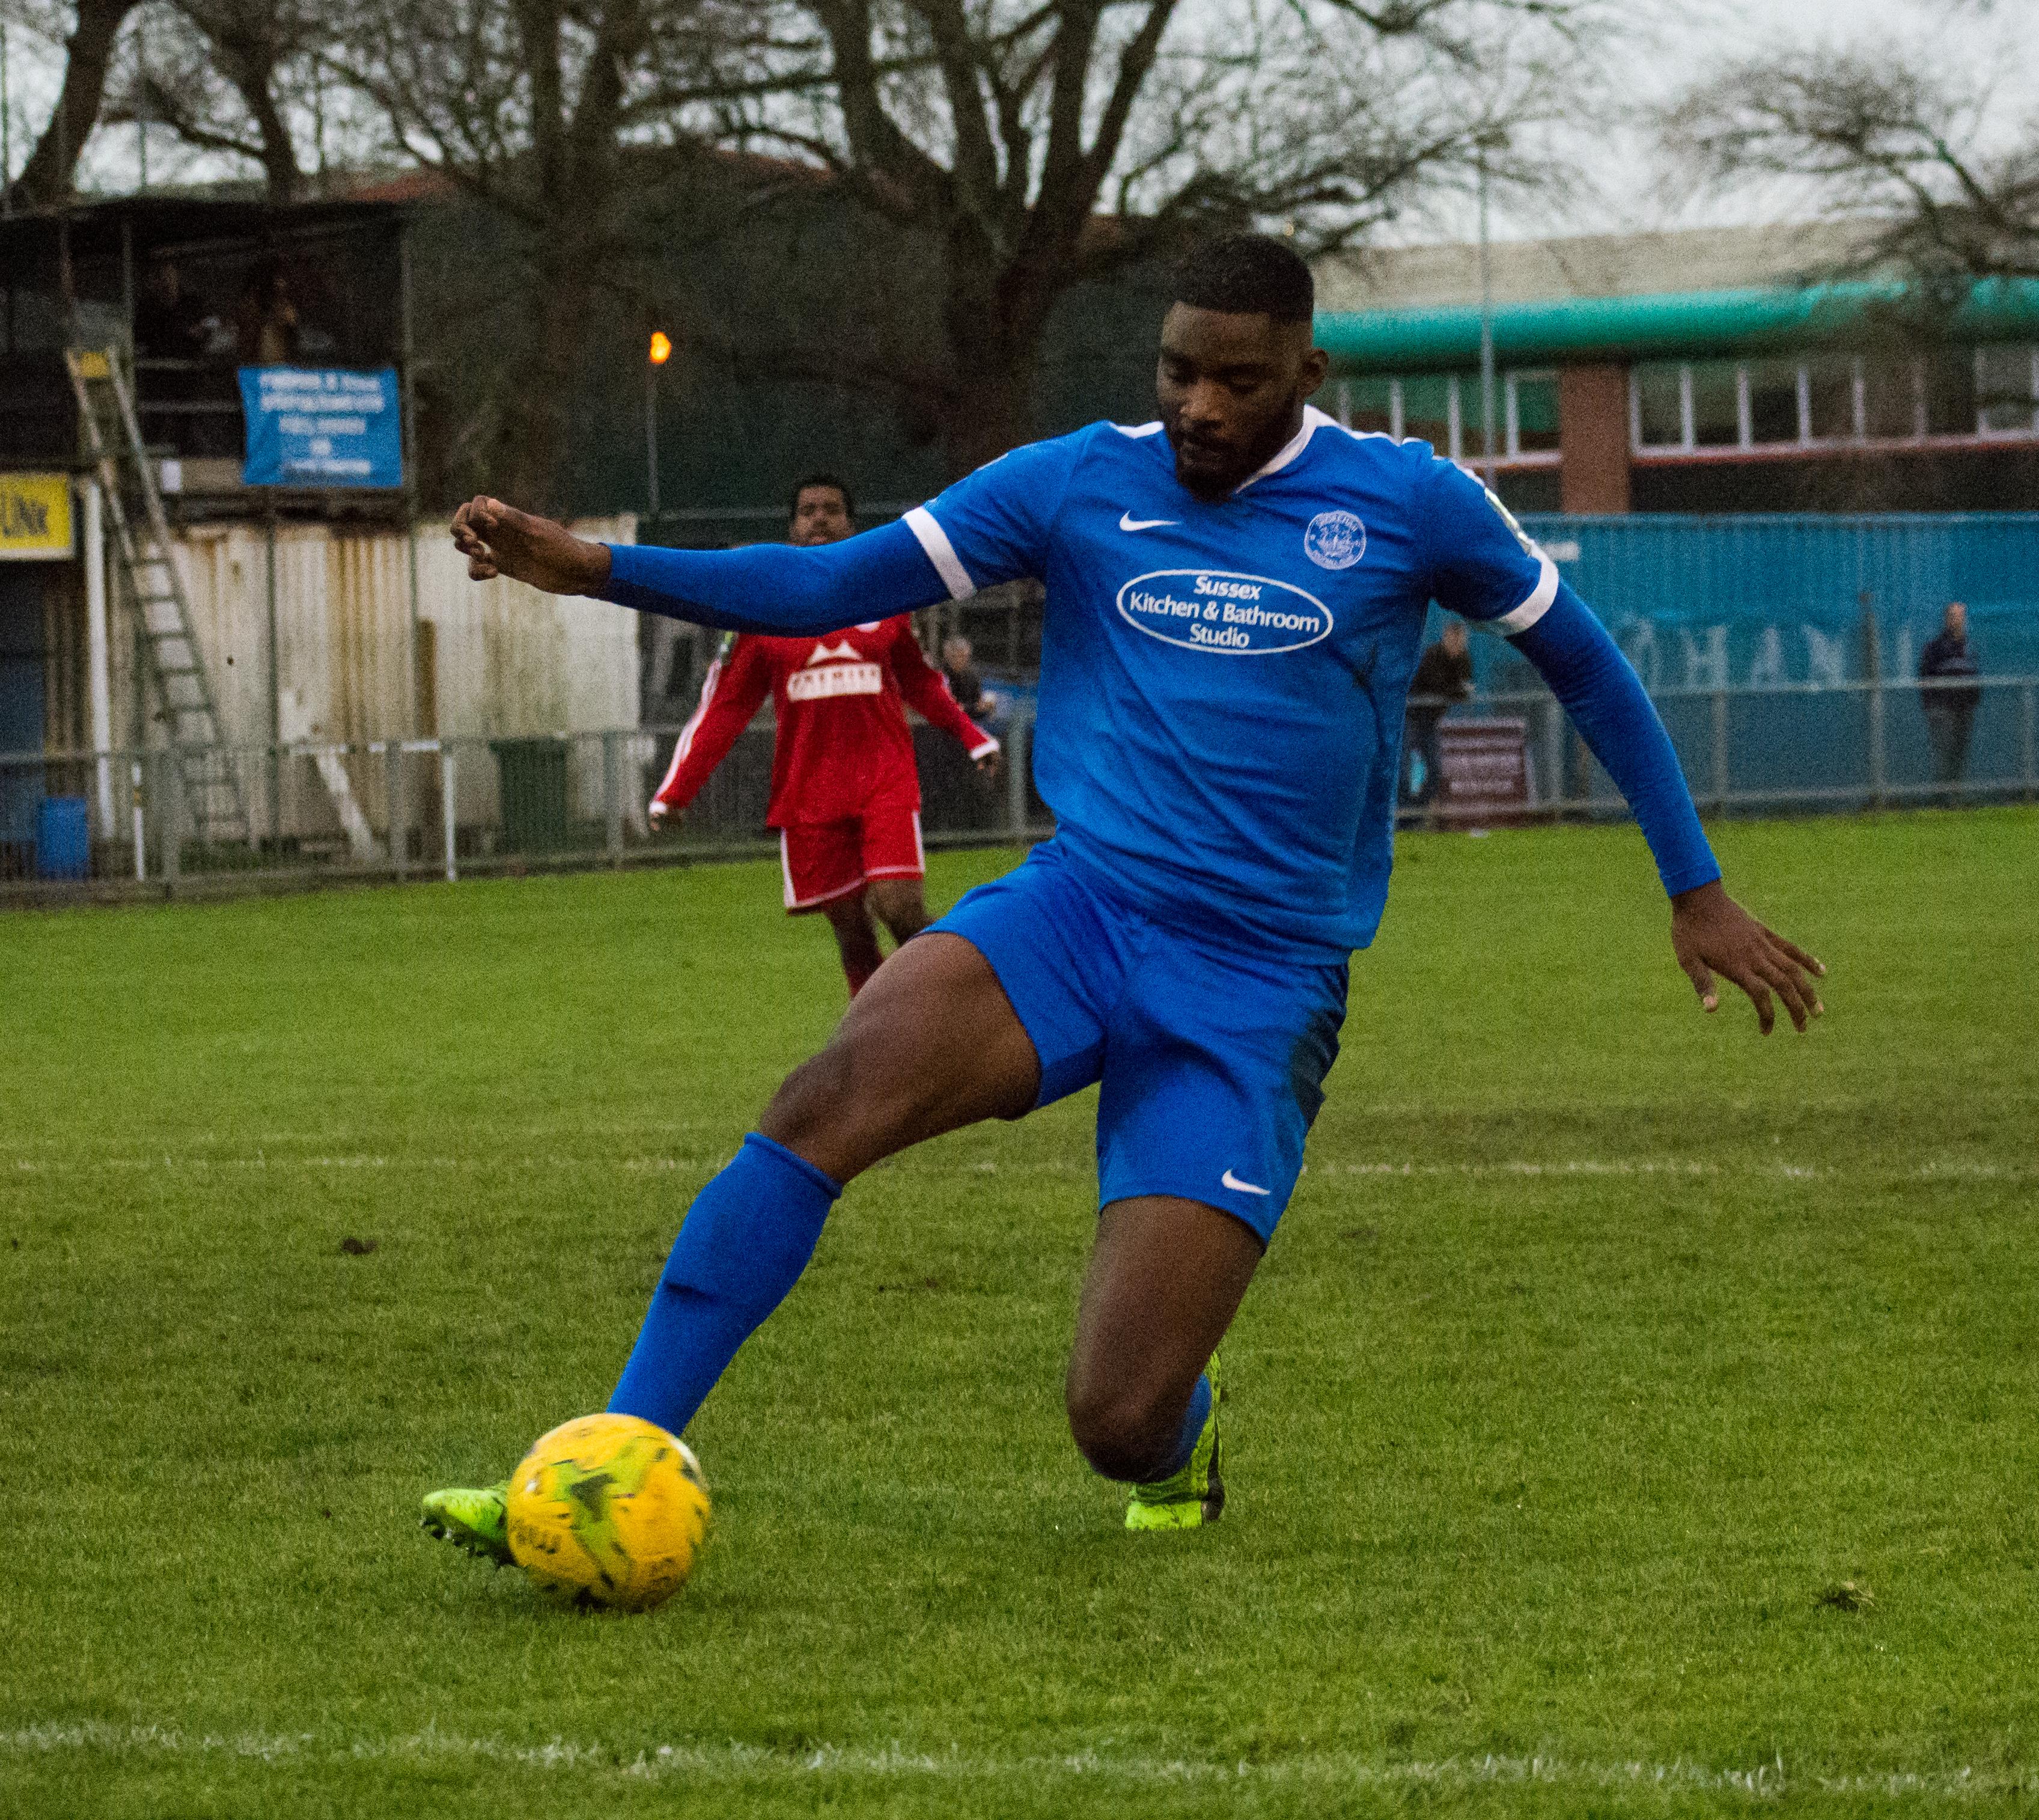 Shoreham FC vs Hythe Town 11.11.17 64